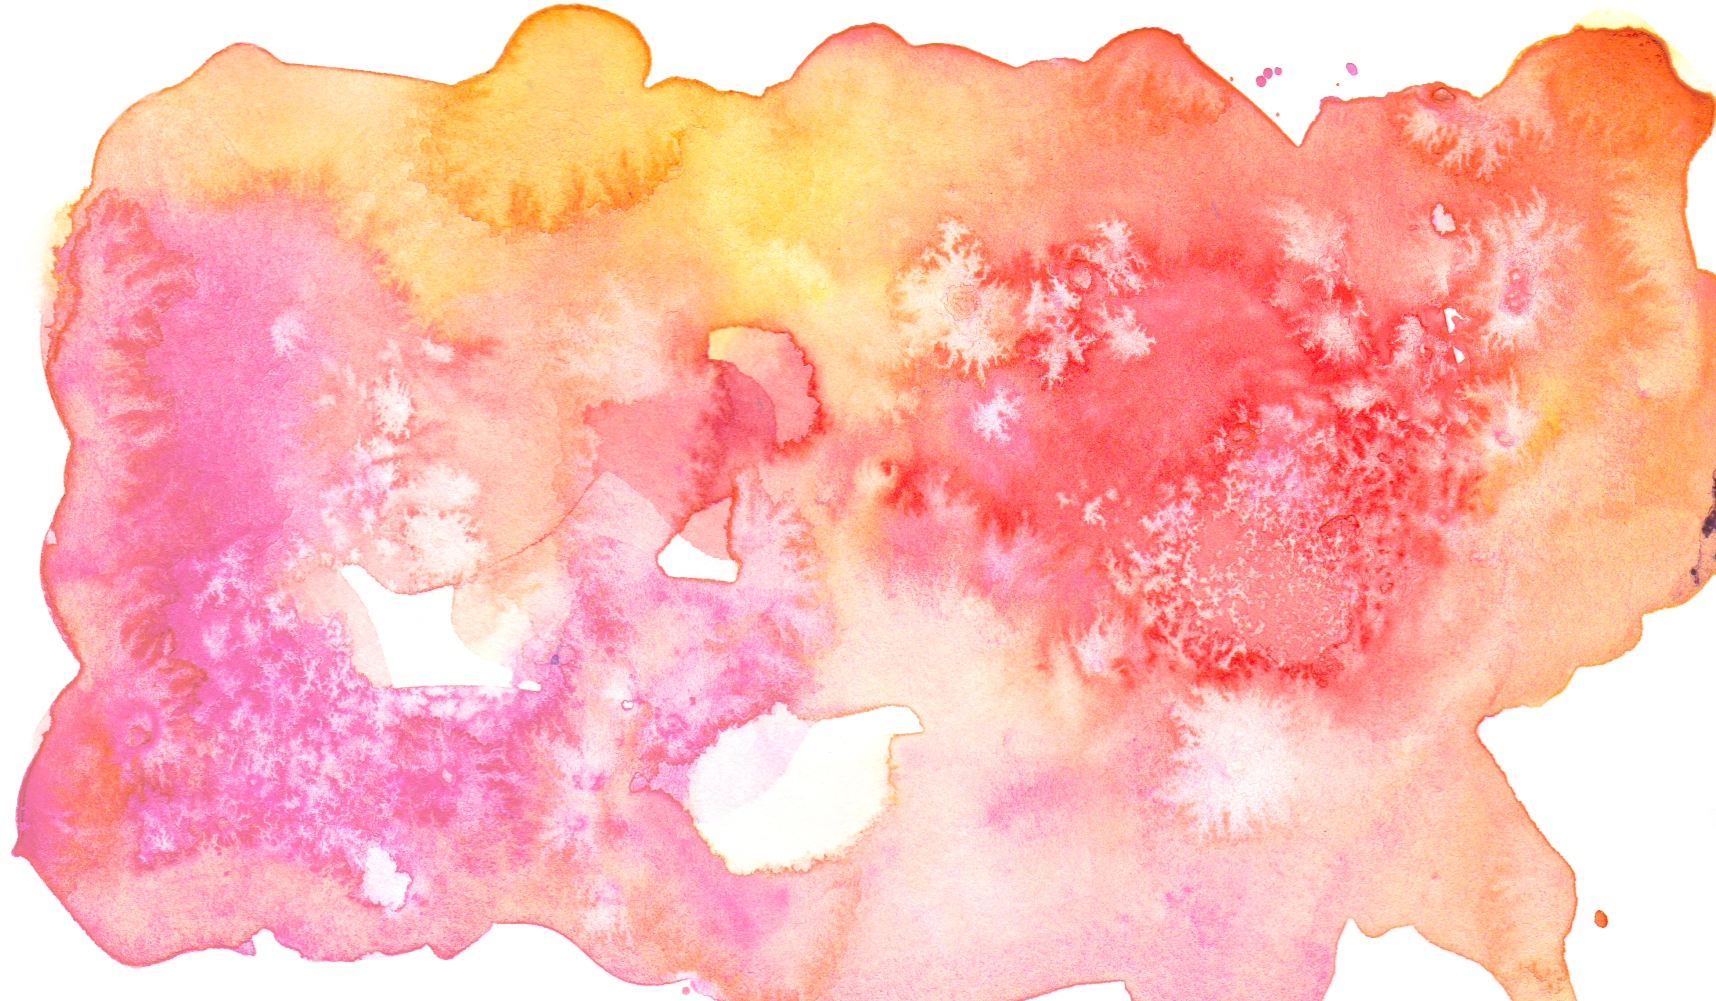 watercolor texture _MGaber13.jpg